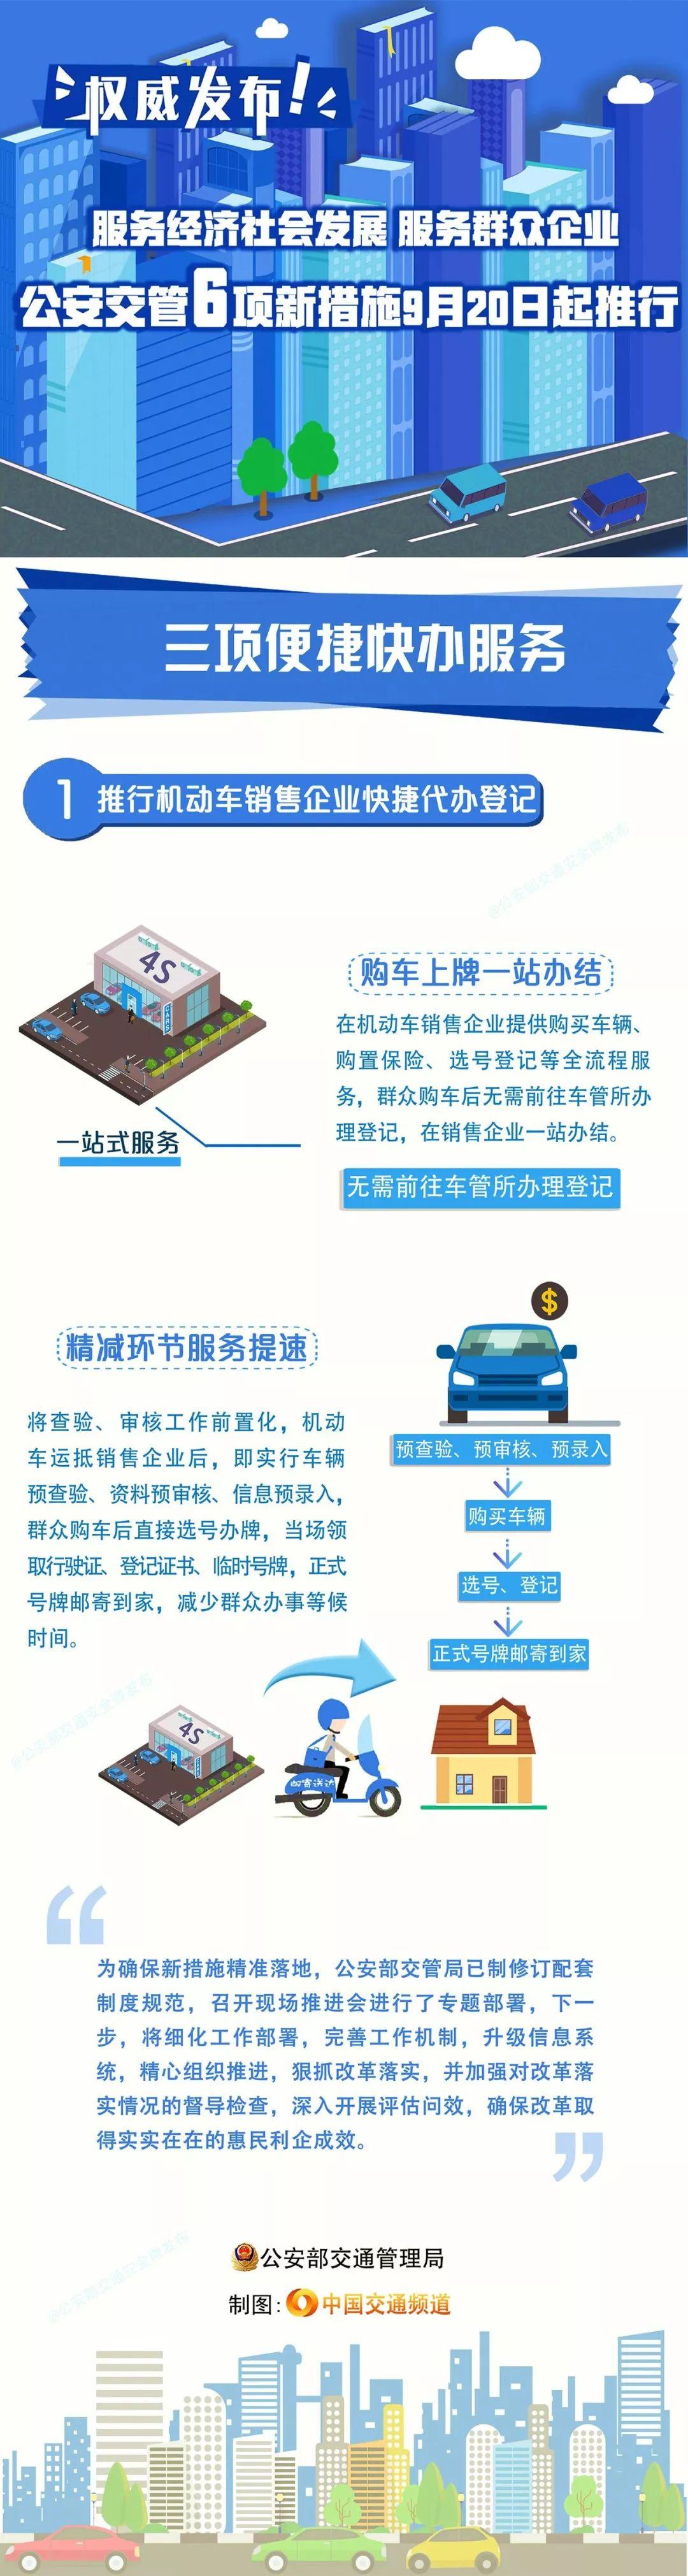 这6项公安交管改革新措施,9月20日正式推行!